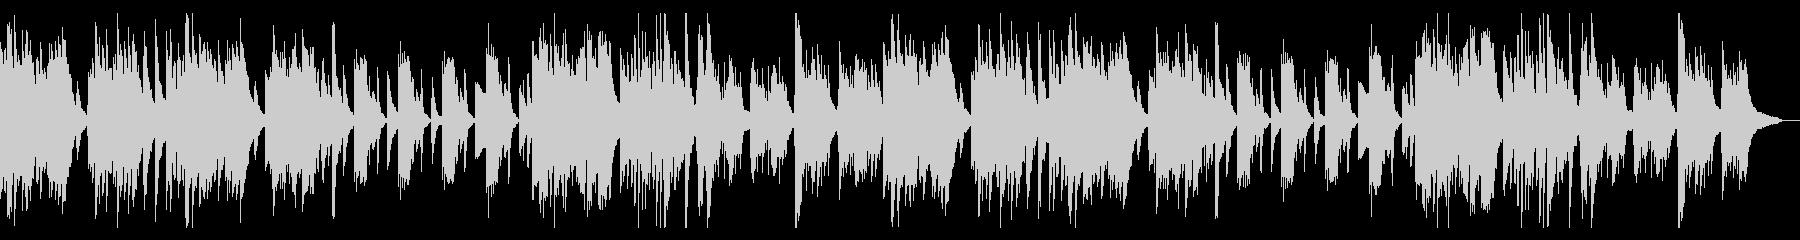 怪しげで切ないピアノ曲の未再生の波形